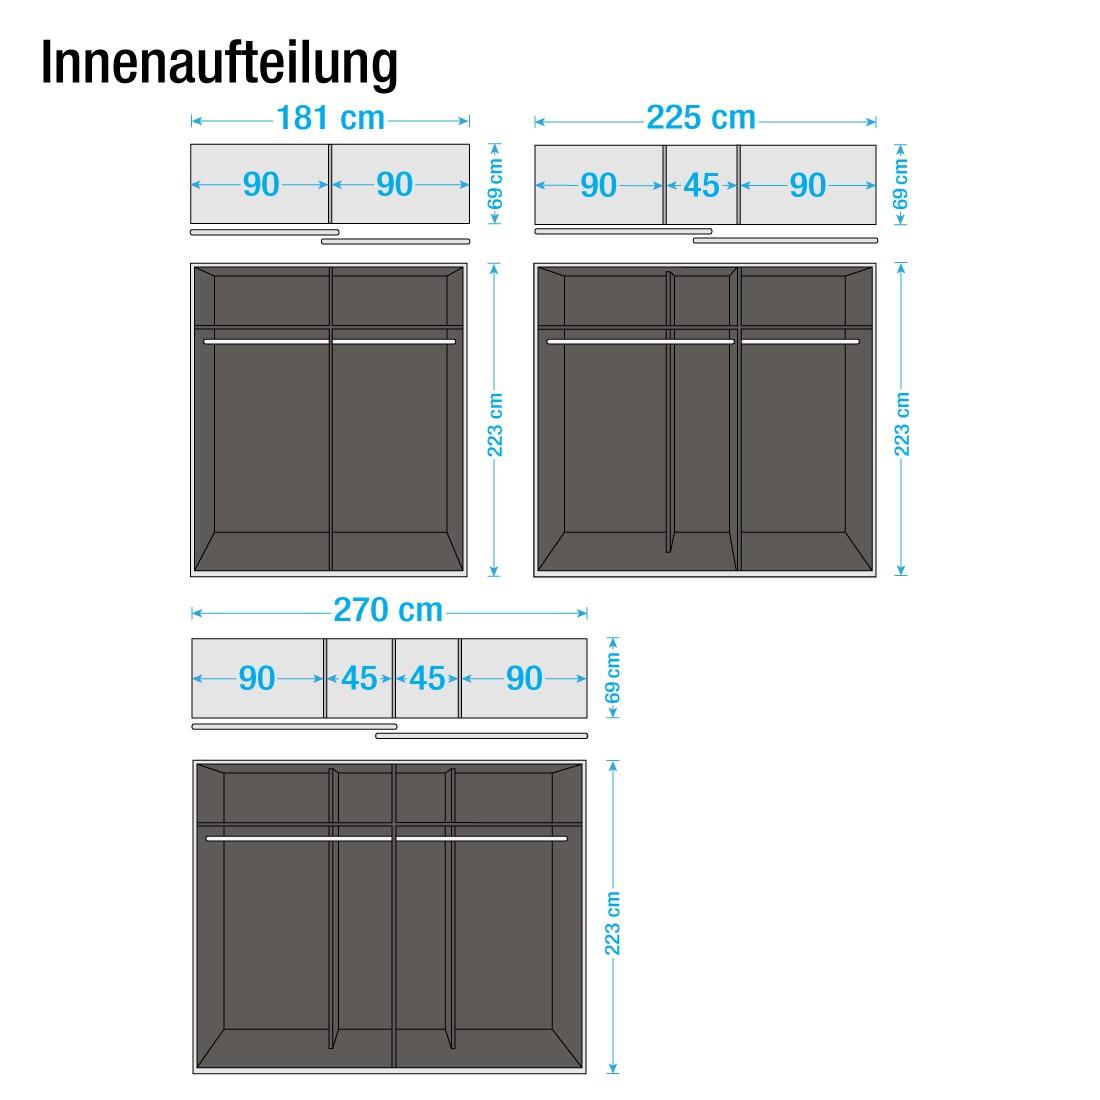 Schwebetürenschrank grau hochglanz  Rauch Select Schwebetürenschrank – für ein modernes Heim | home24